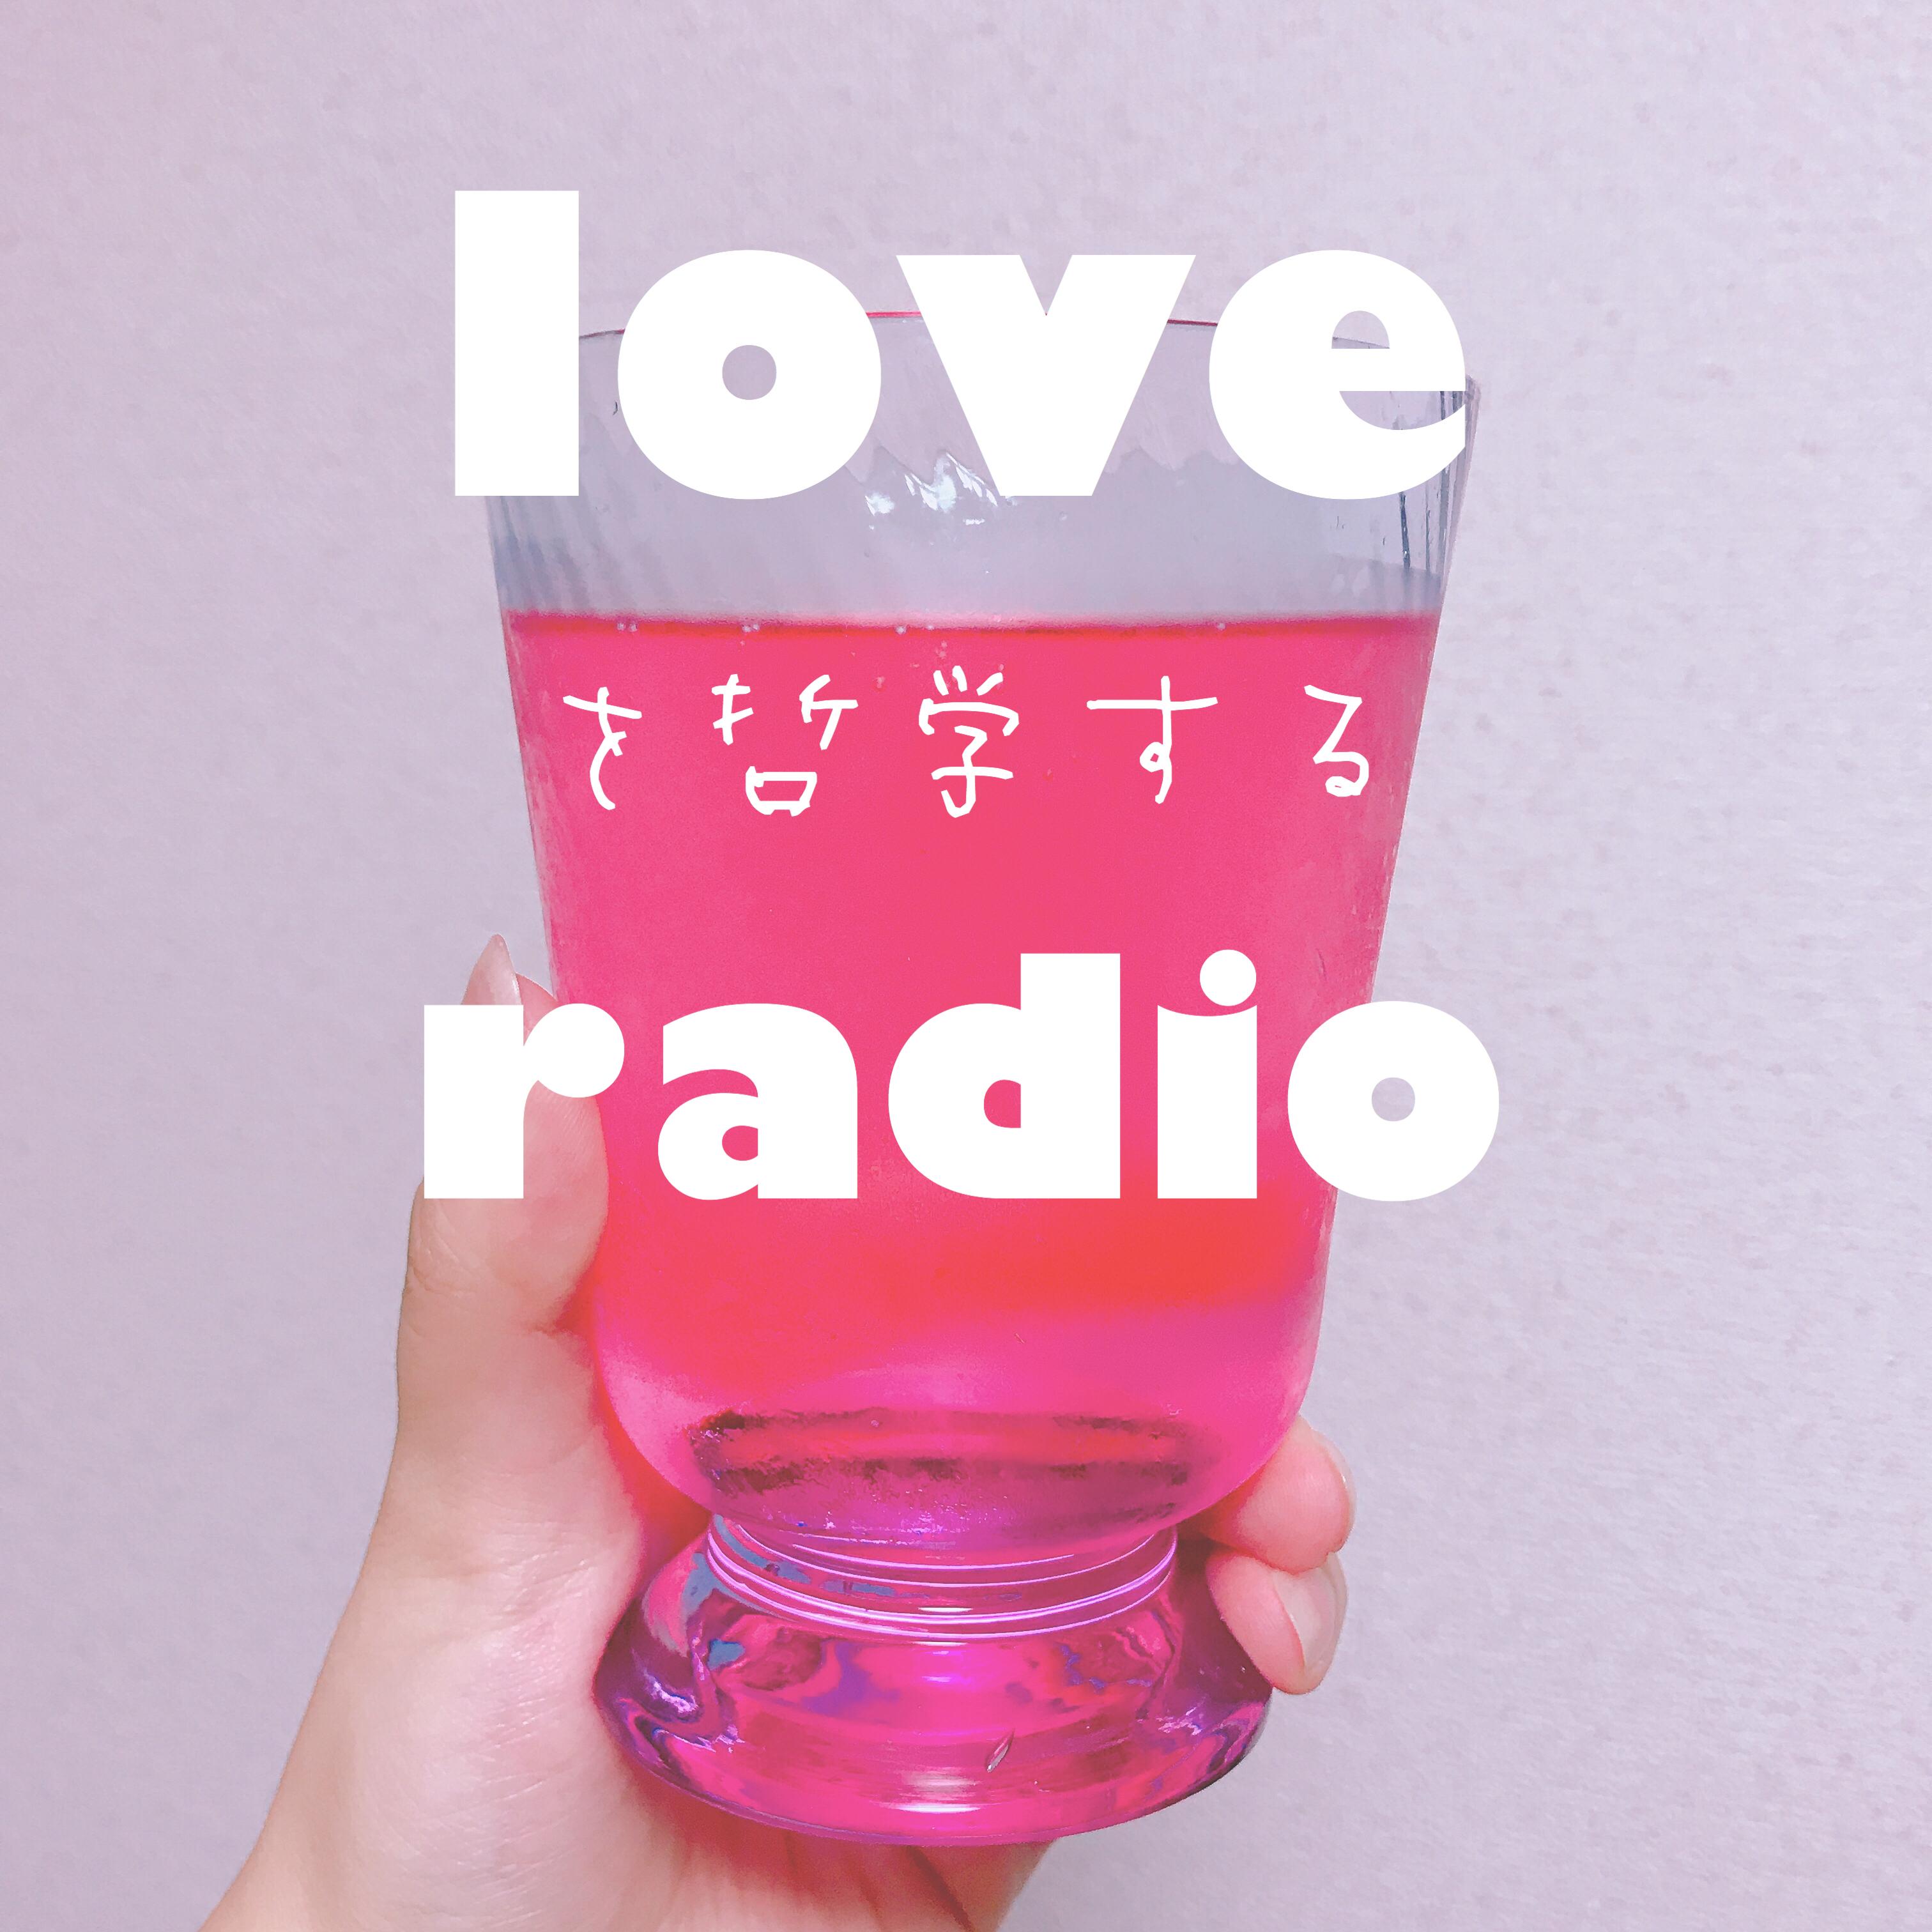 ♯3 【loveを哲学するradio】風邪をひいた